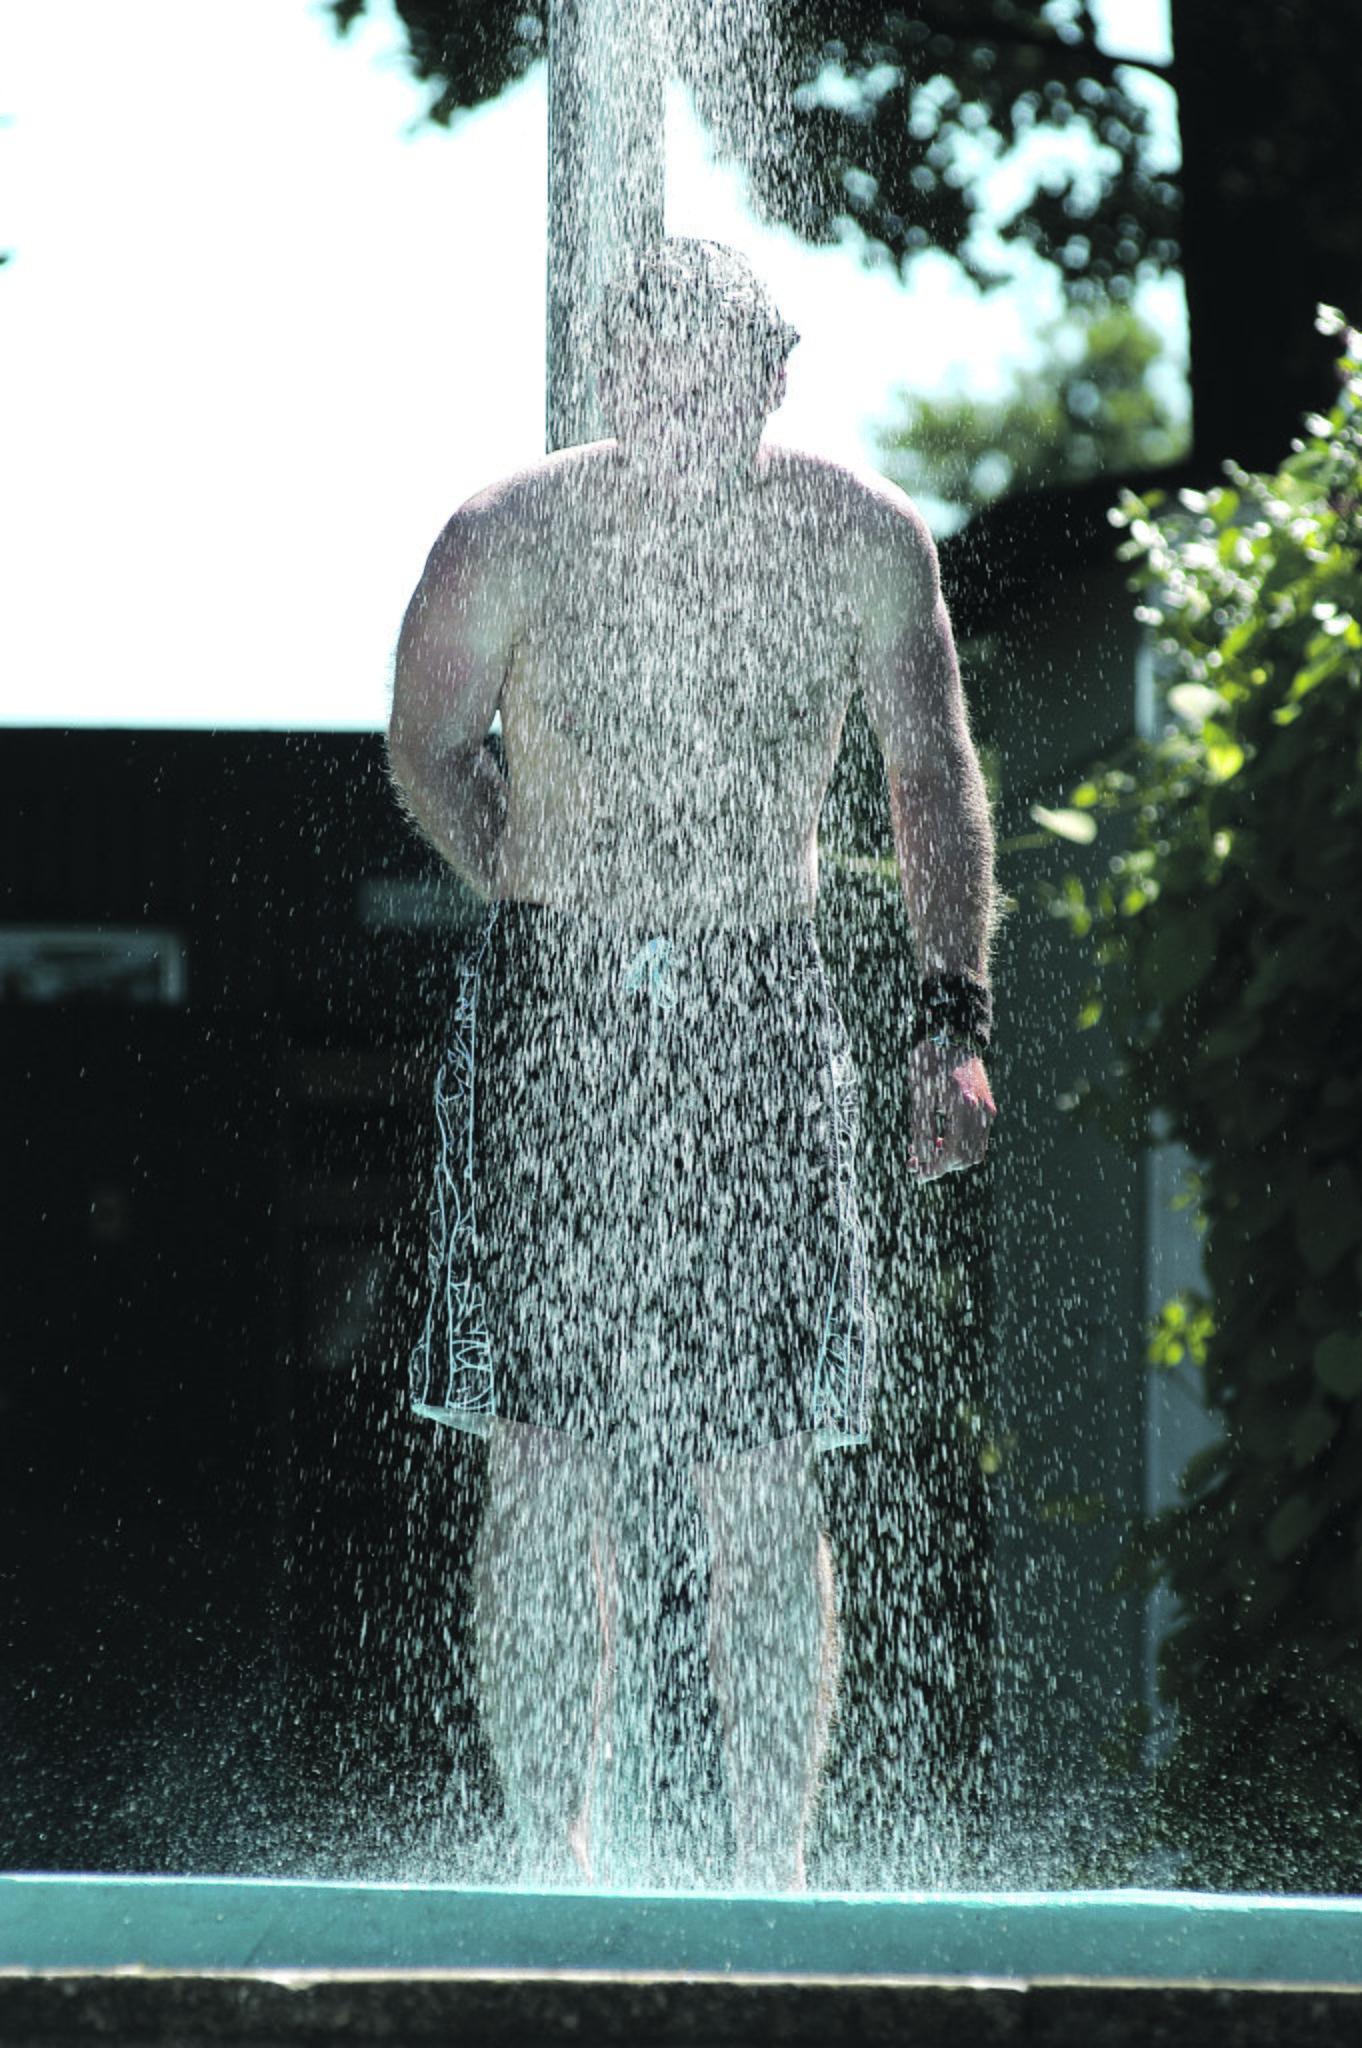 Erst putzen, dann planschen: Guido-Heiland-Bad braucht am 9. April ...